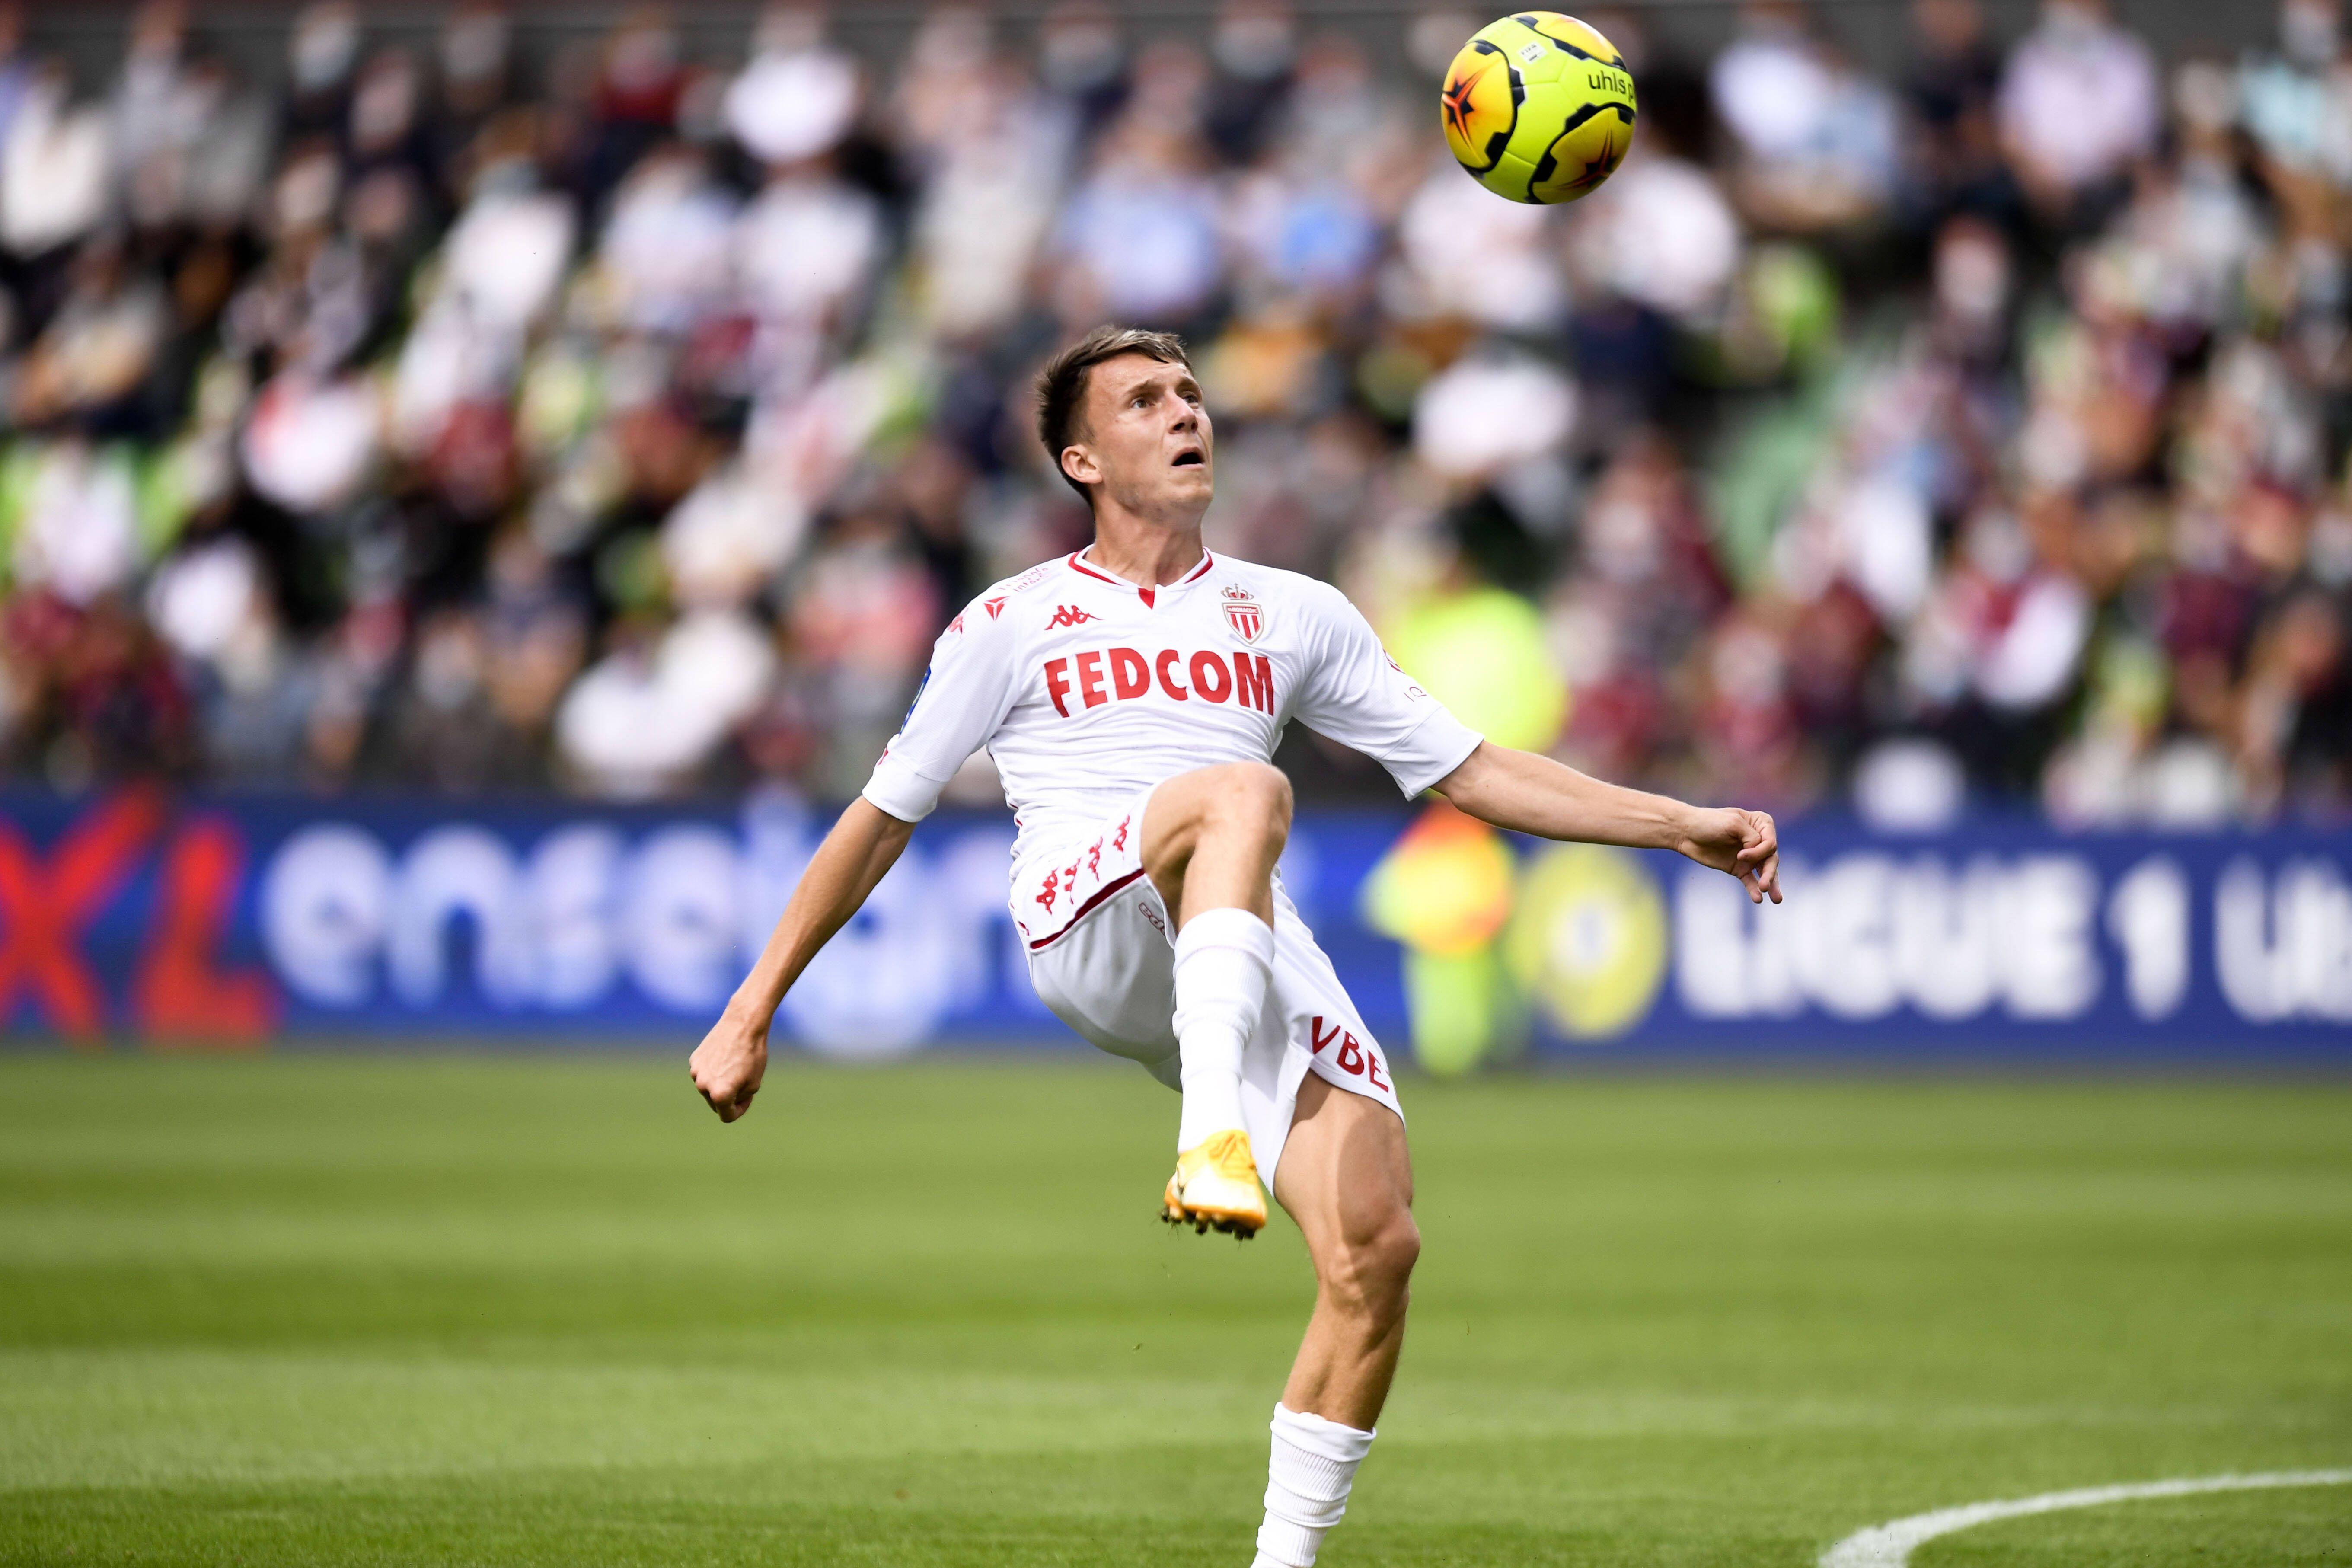 Болельщики 'Монако' признали Головина лучшим игроком матча с 'Лорьяном'